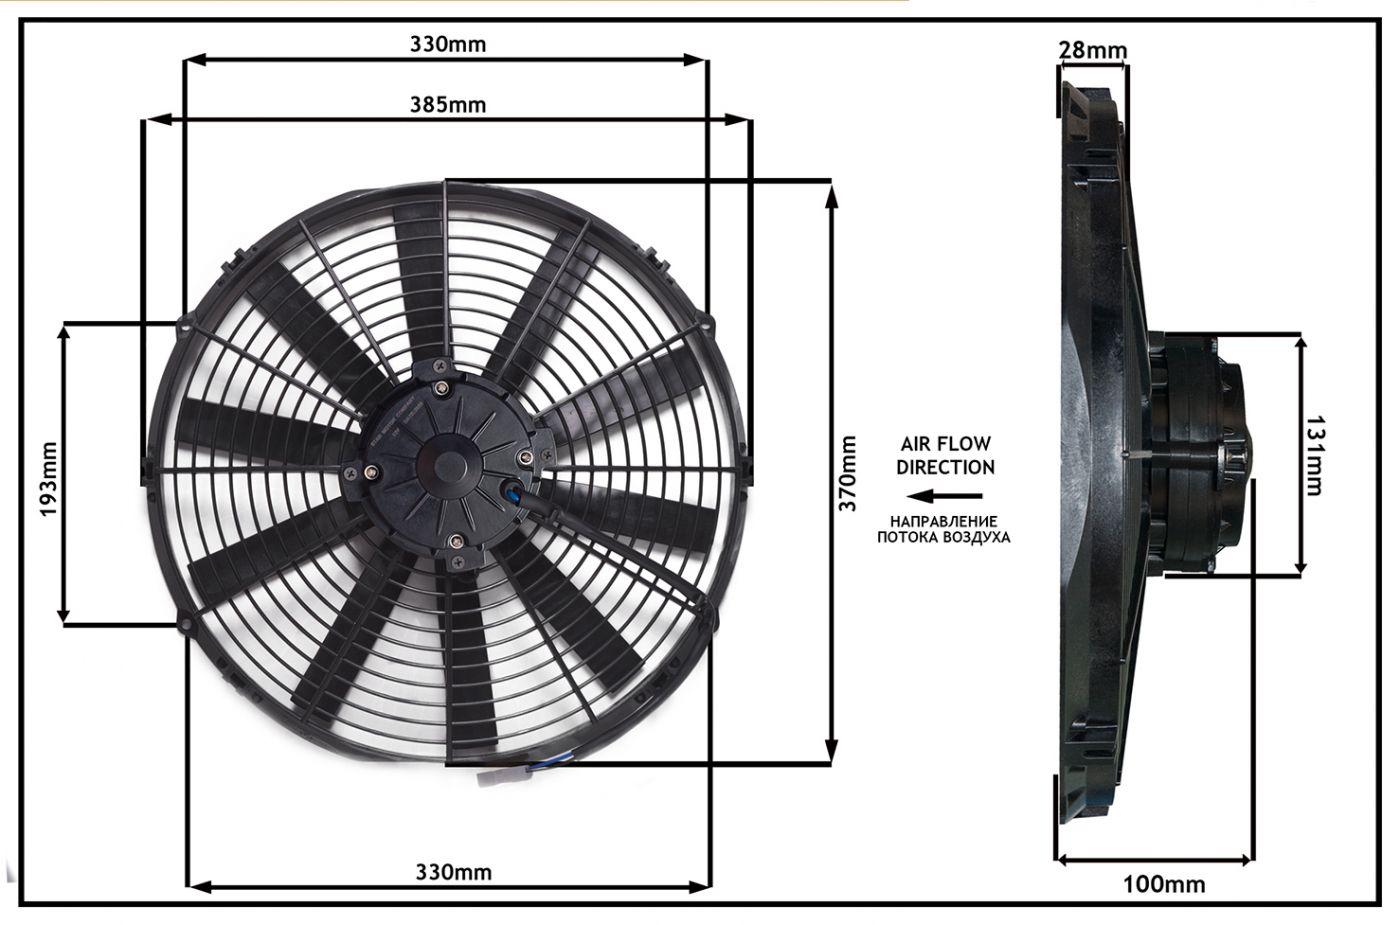 """Осевой вентилятор, 14"""" дюймов, 170 Ватт, 12 Вольт, Нагнетающий (PUSH) STR127"""